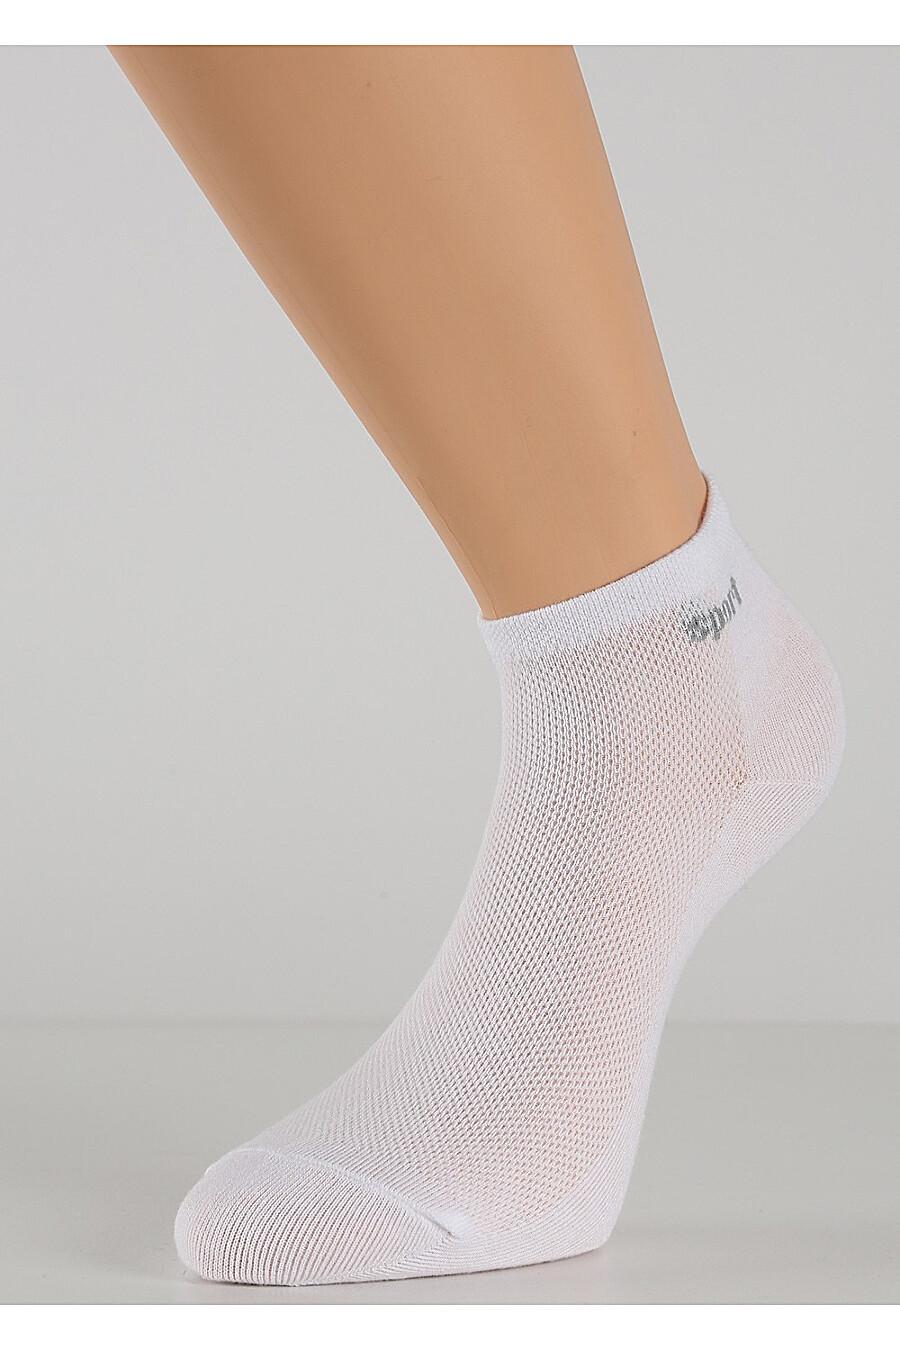 Носки для женщин CLEVER 175761 купить оптом от производителя. Совместная покупка женской одежды в OptMoyo